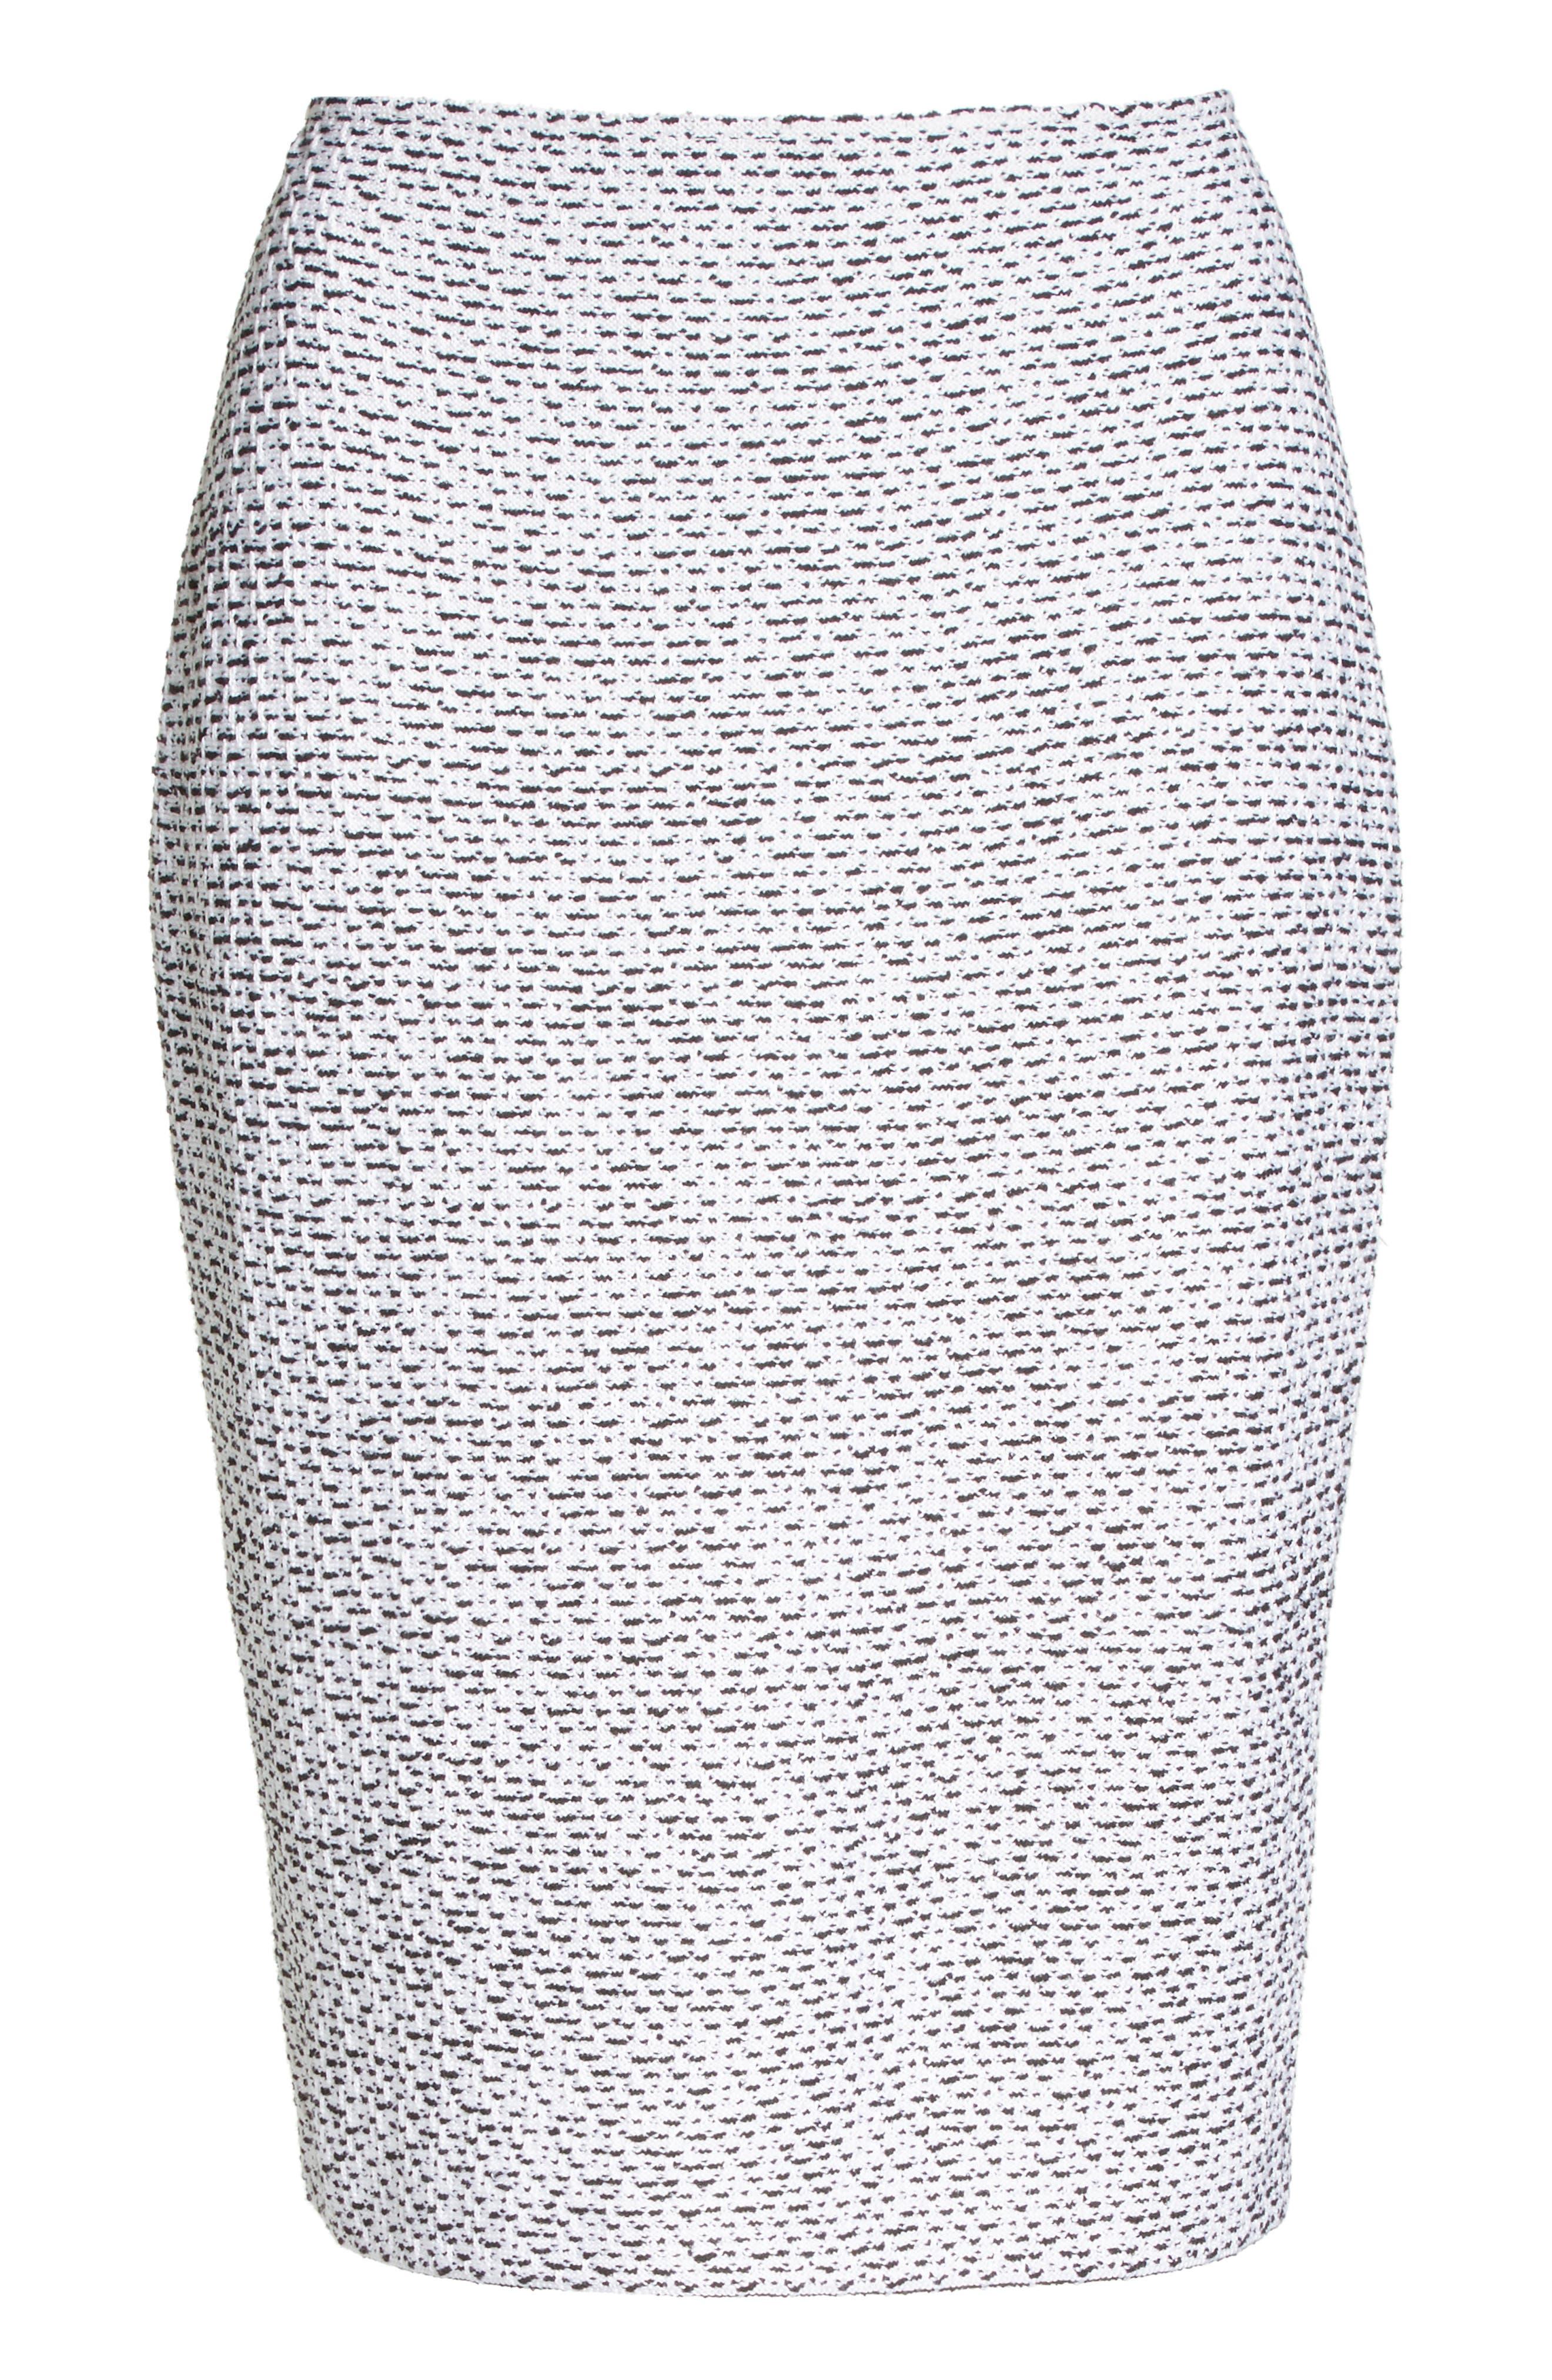 Olivia Bouclé Knit Skirt,                             Alternate thumbnail 7, color,                             WHITE/ CAVIAR